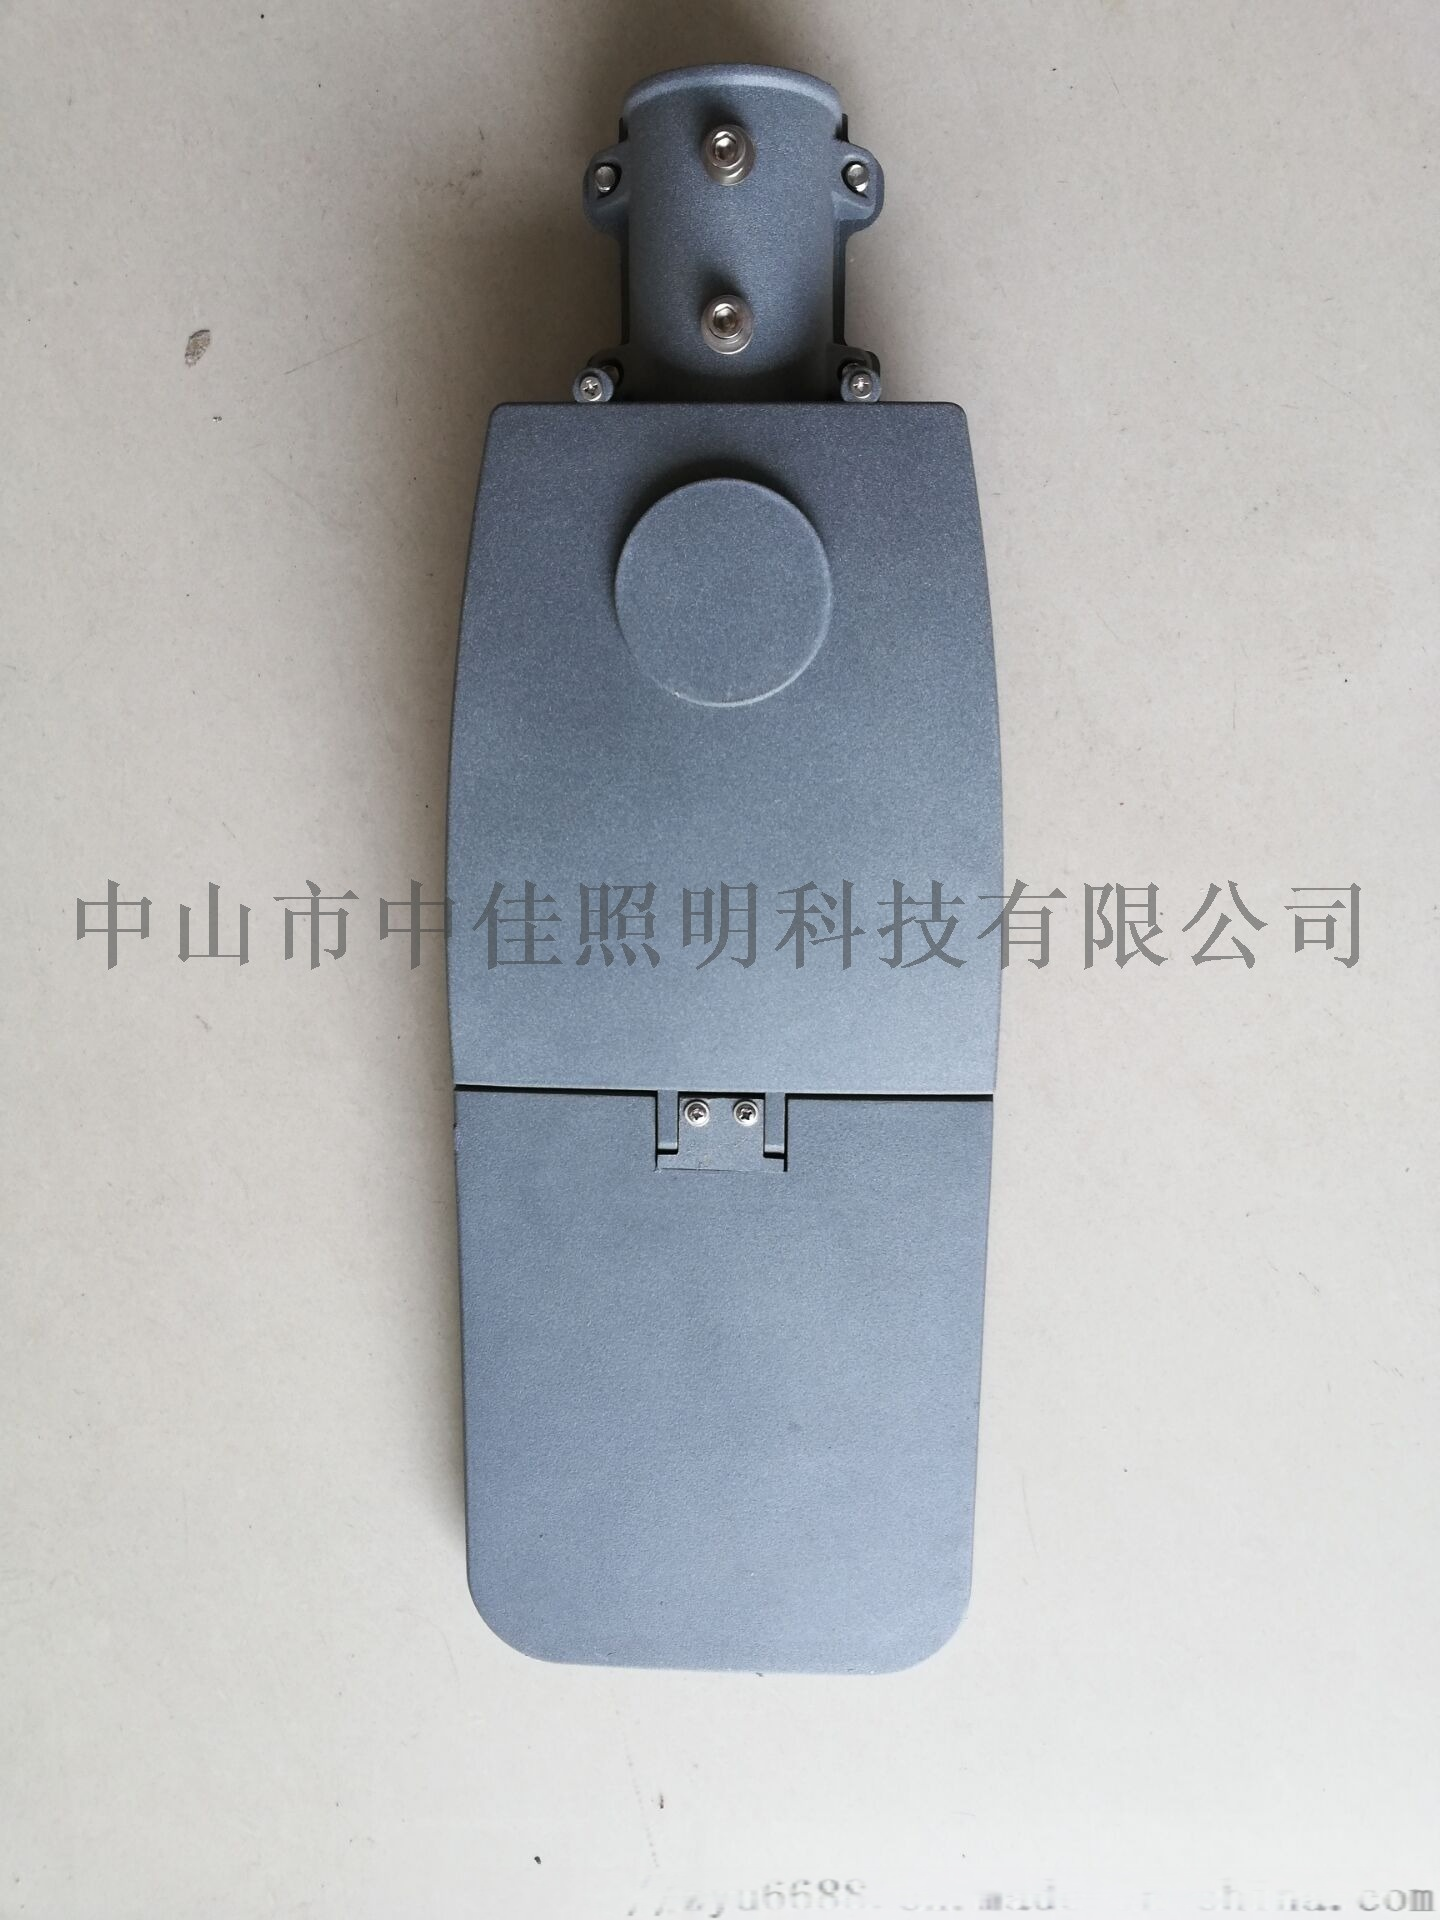 F1623DA563C9FE47C5625522E6FD15FC.jpg